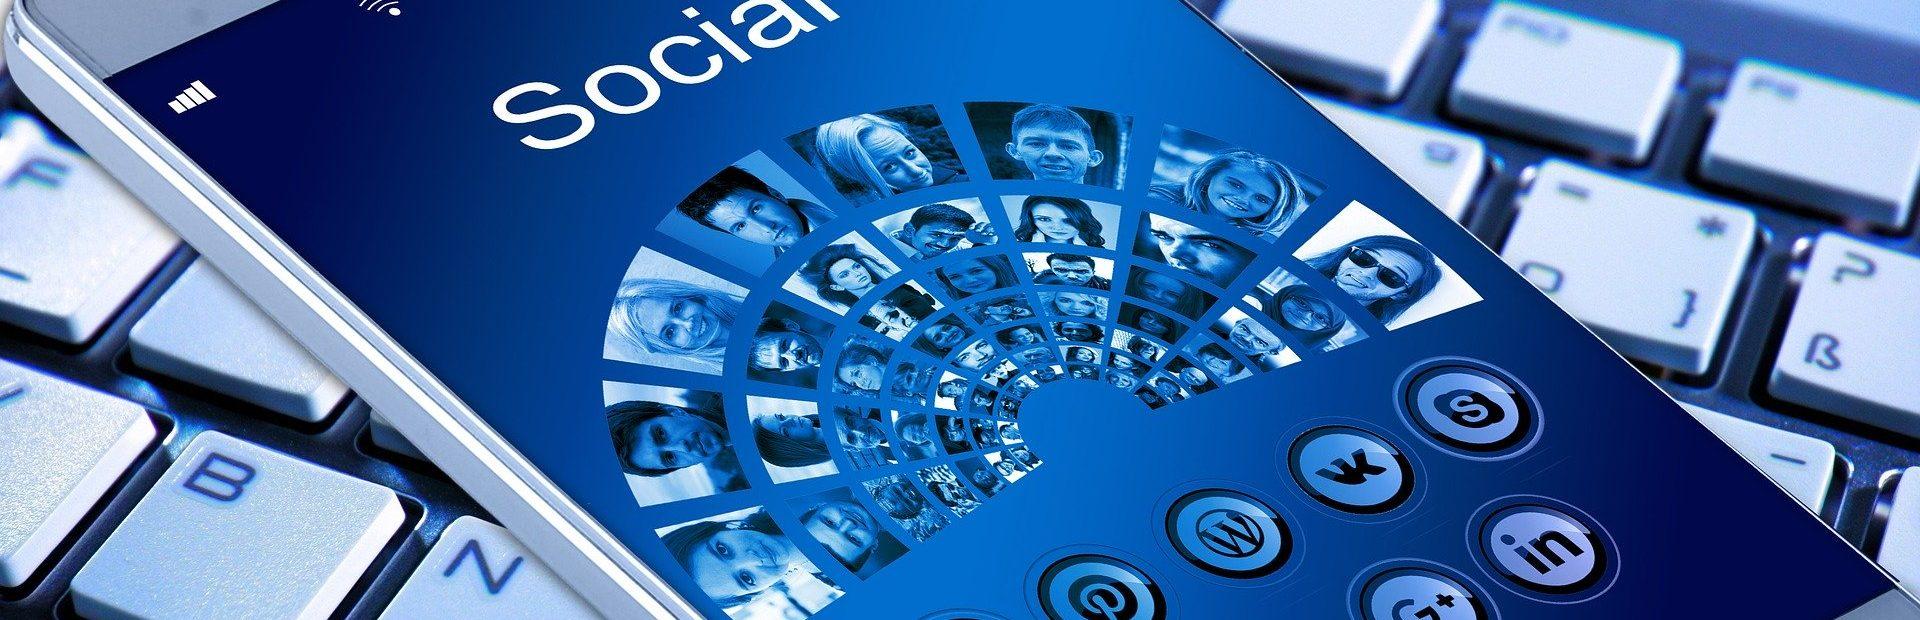 Facebook-Datenschutz-DSGVO-Konform